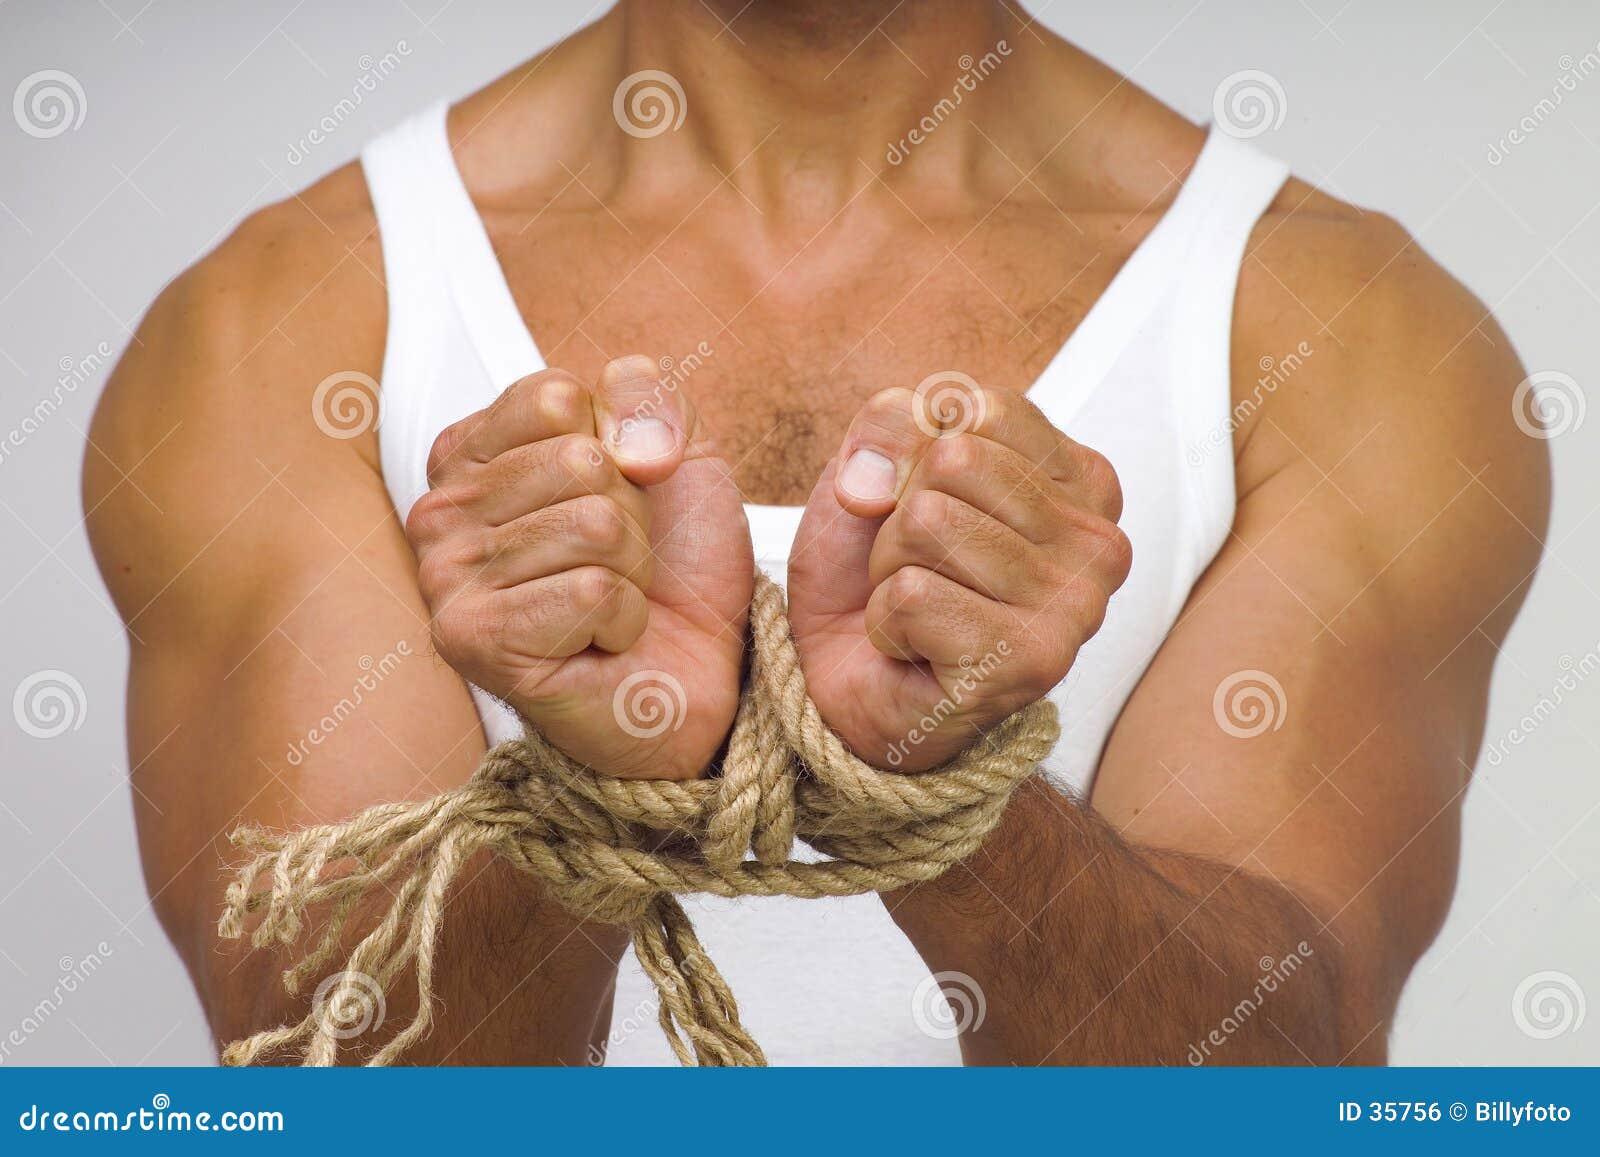 Spier mens met handen die door kabel worden gebonden